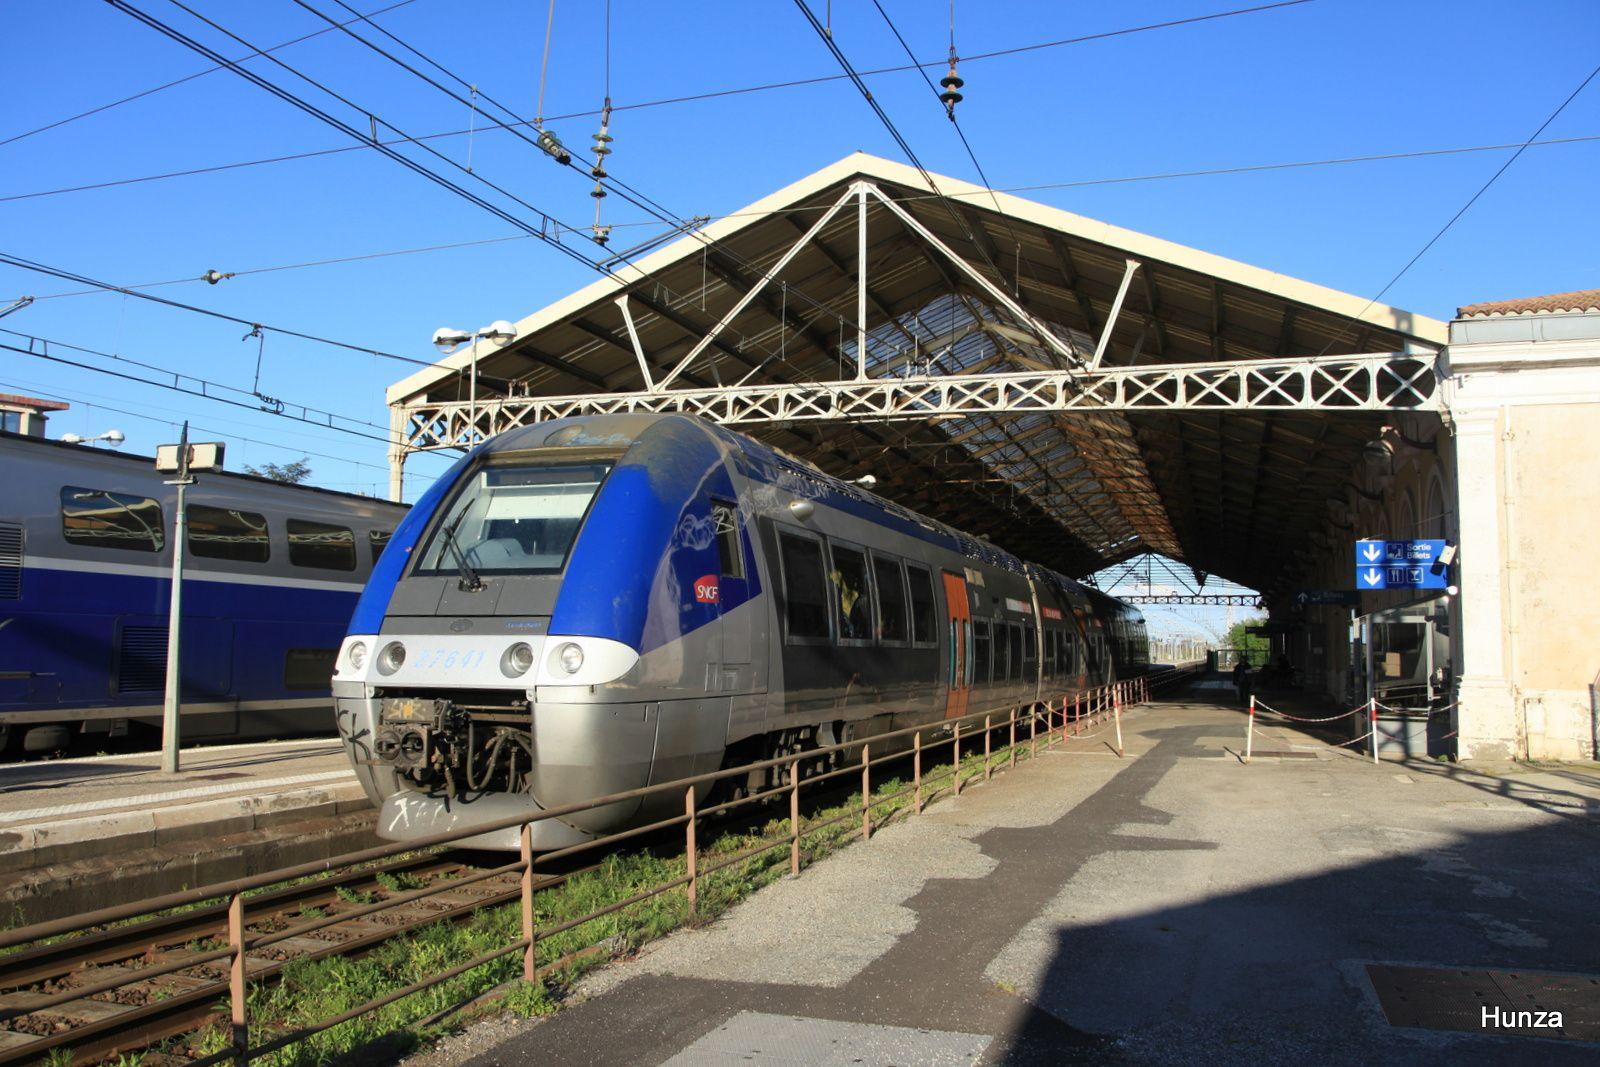 Carcassonne : départ de la Z27641 assurant le TER n°876214 Narbonne - Toulouse (mardi 28 mars 2017)